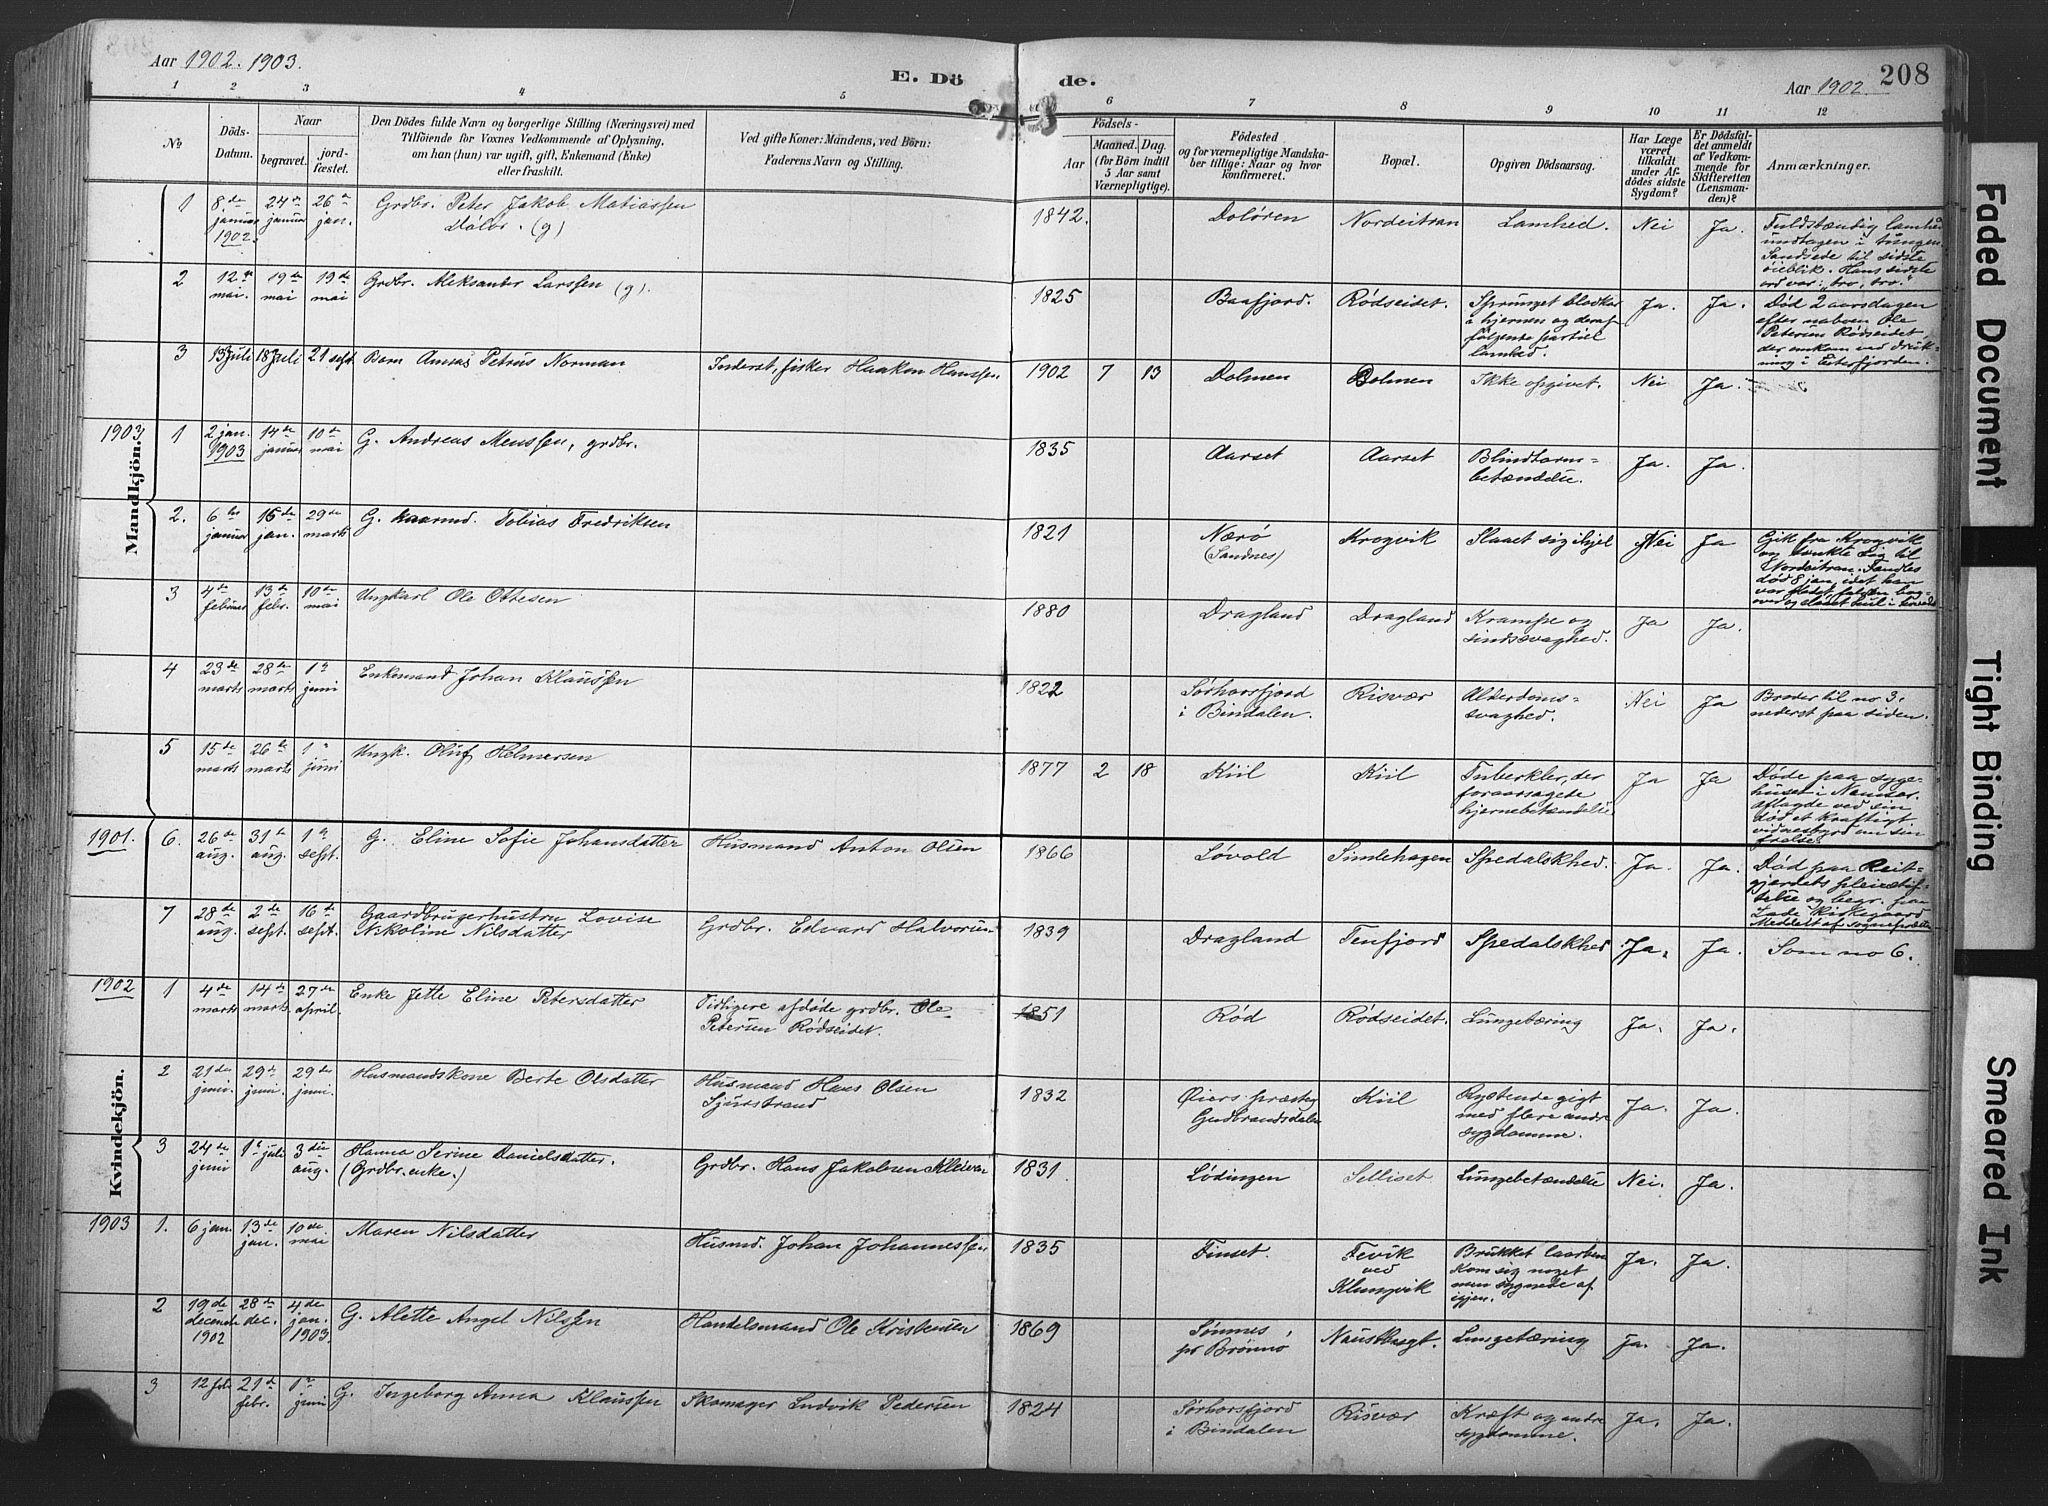 SAT, Ministerialprotokoller, klokkerbøker og fødselsregistre - Nord-Trøndelag, 789/L0706: Klokkerbok nr. 789C01, 1888-1931, s. 208